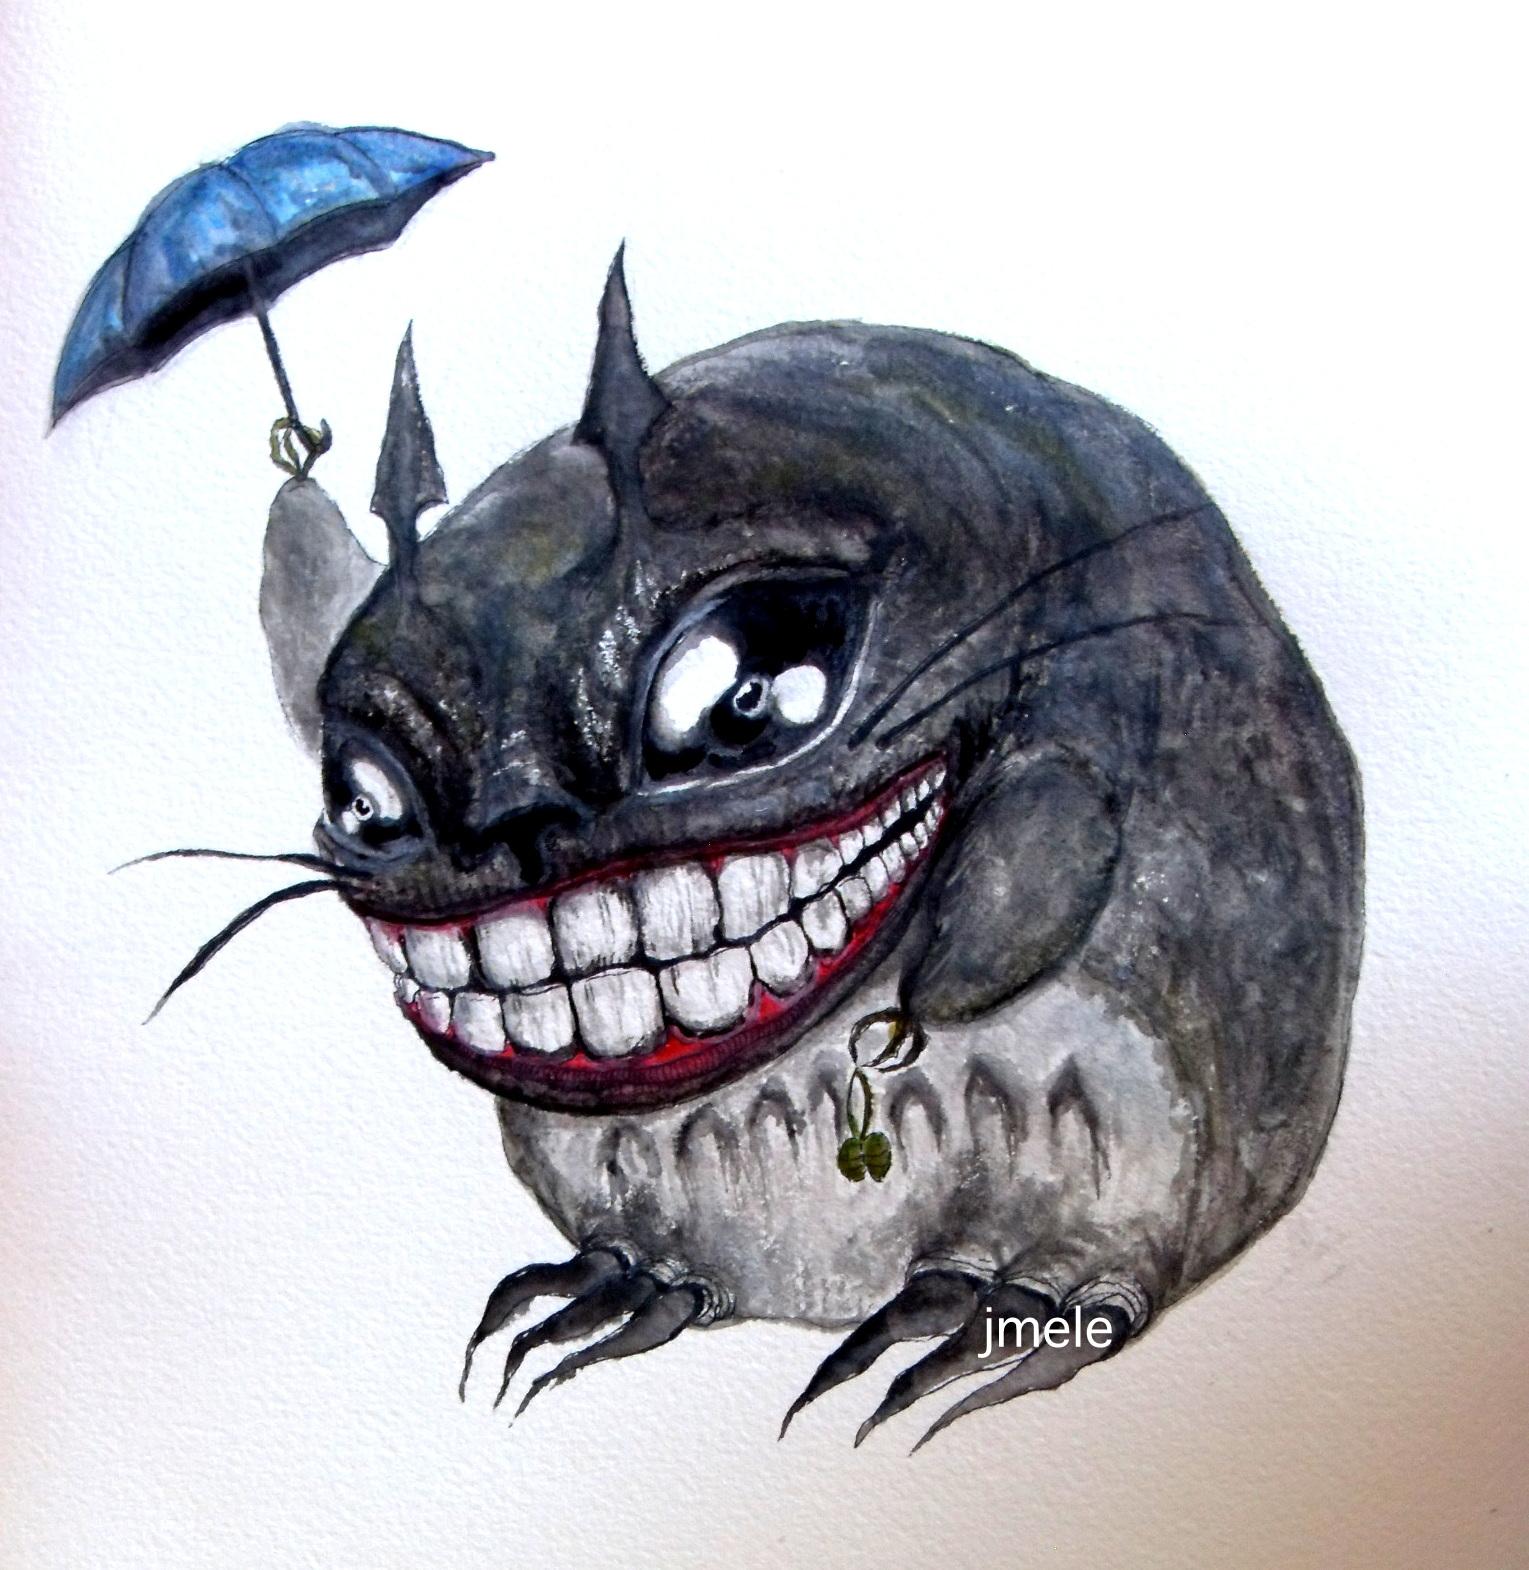 Jennaboongeek - Bizarre Art